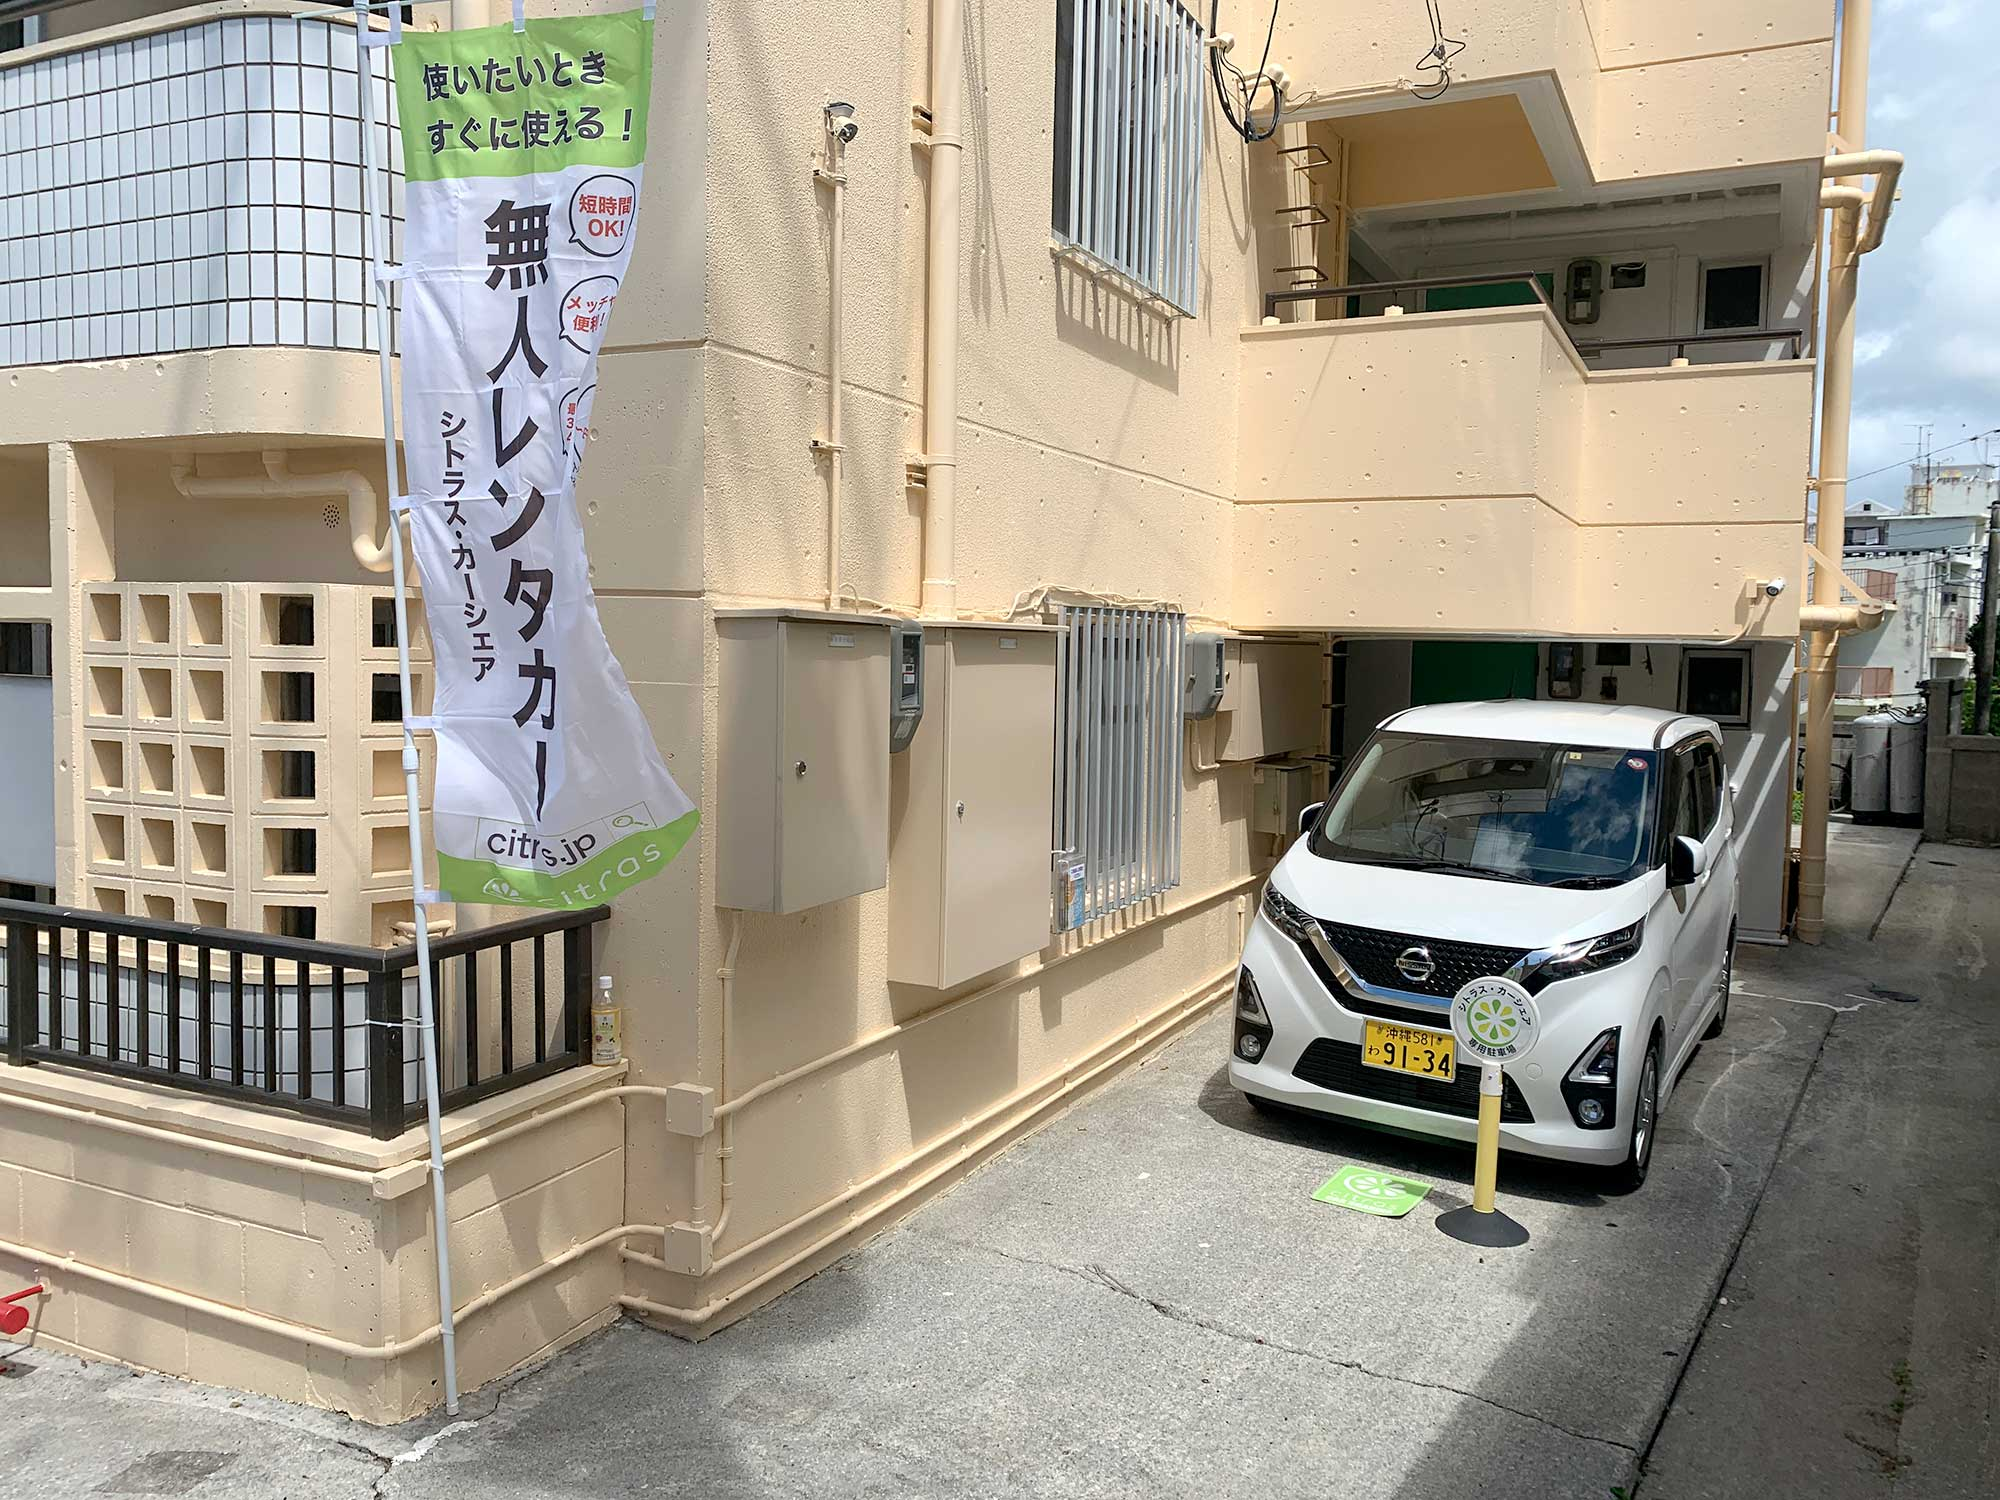 カーシェアリングを手軽に導入できるフランチャイズパッケージ 2拠点目が宜野湾市志真志でサービス開始